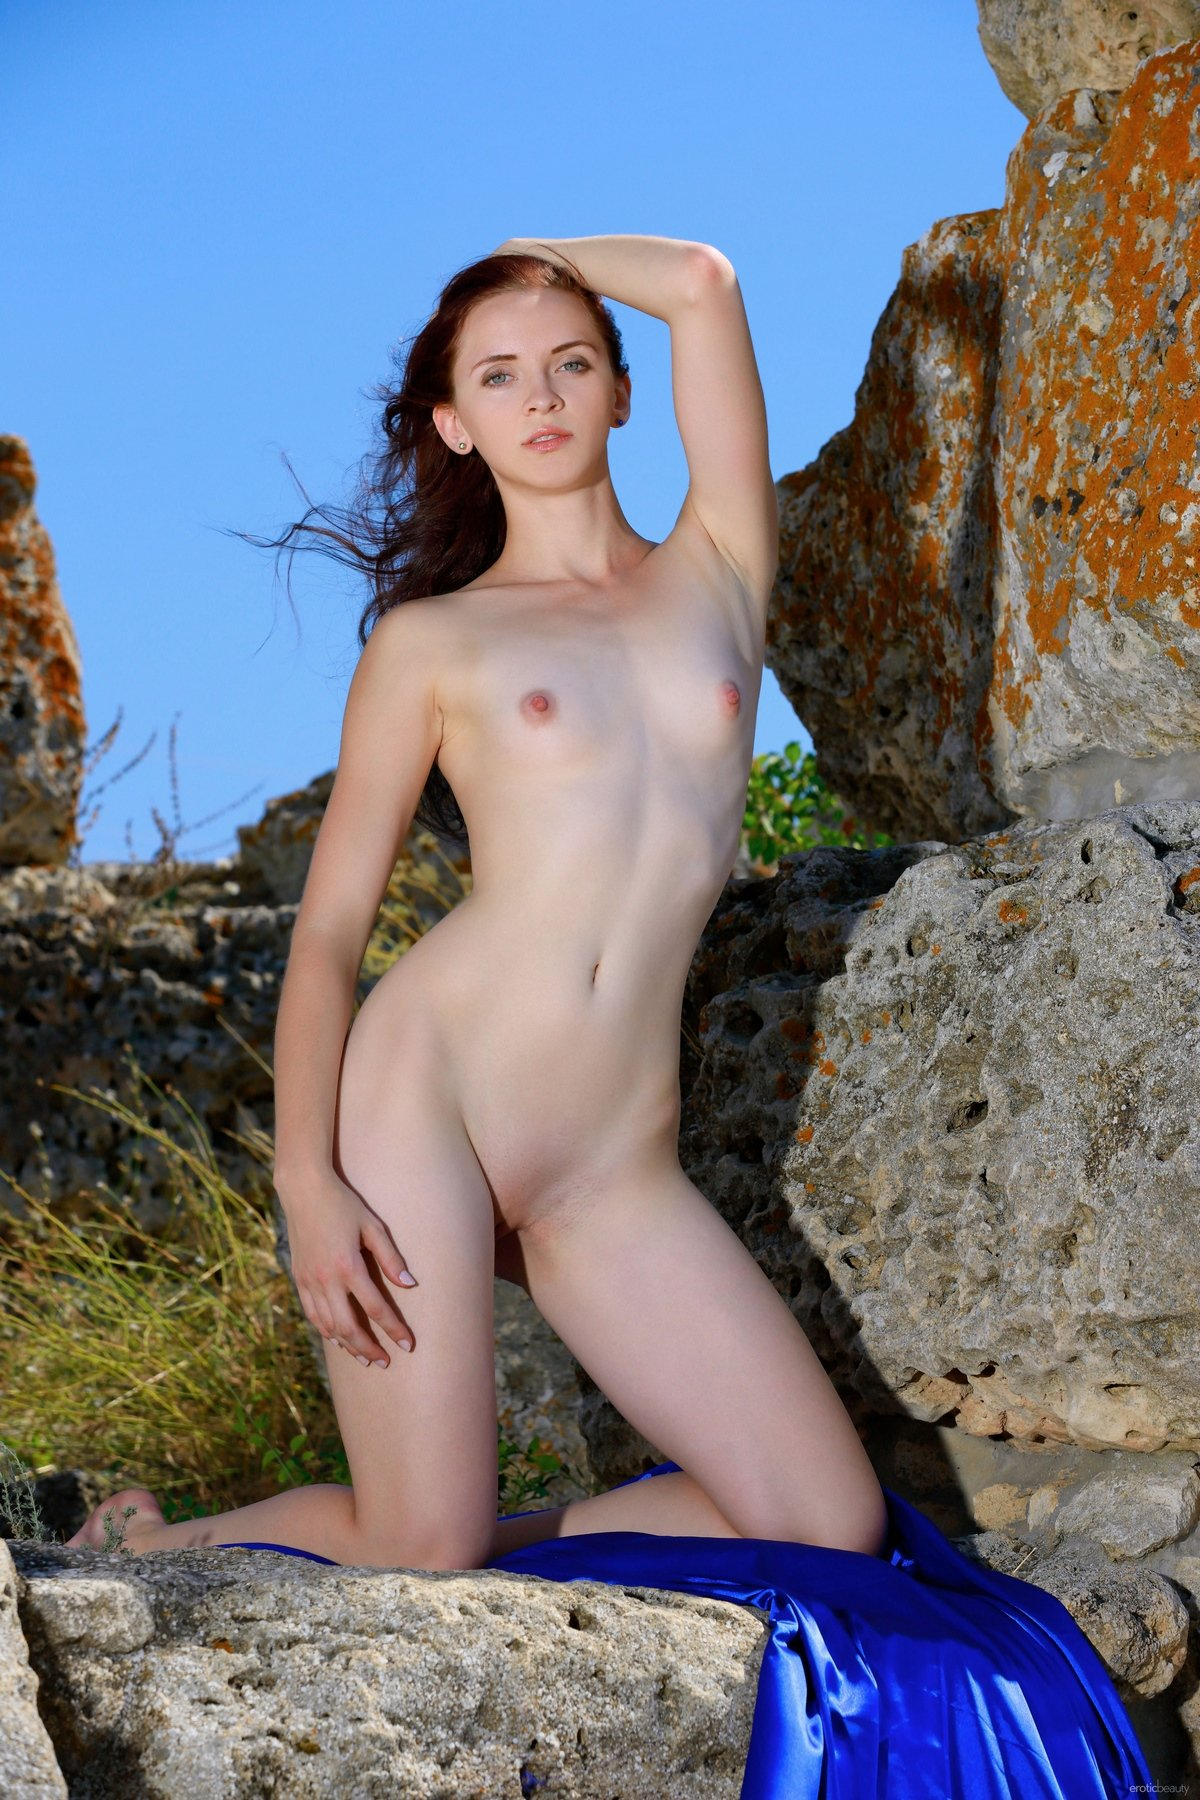 Телка с плоской грудью и розовыми сосками торчком возле скалы